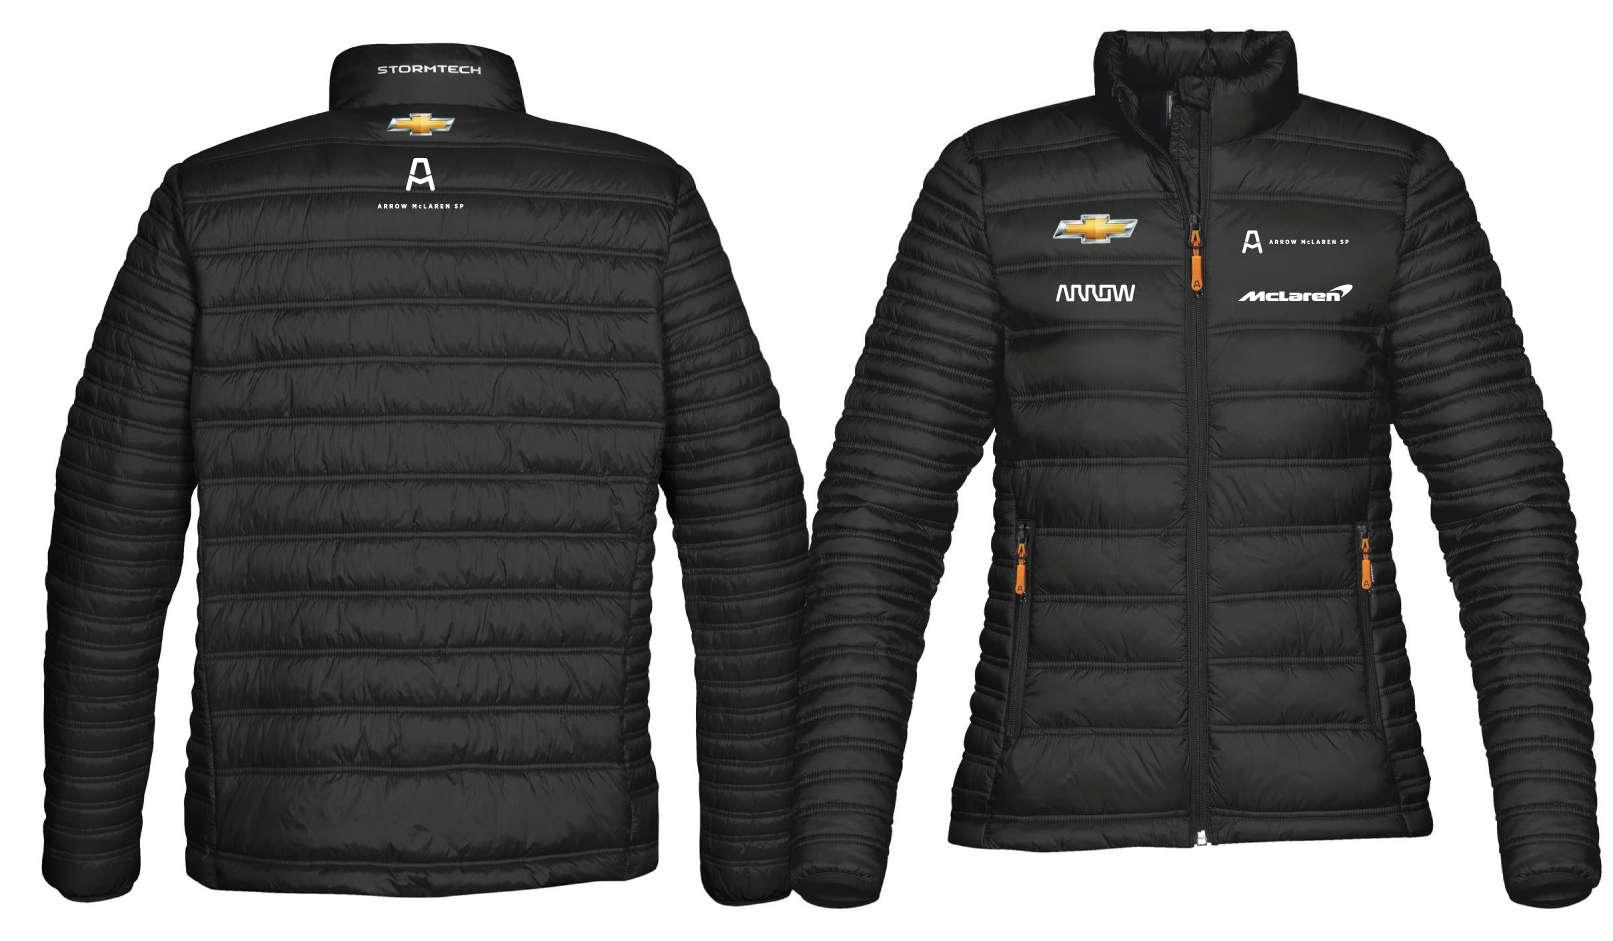 2XL Women's Official Team Puffer Jacket